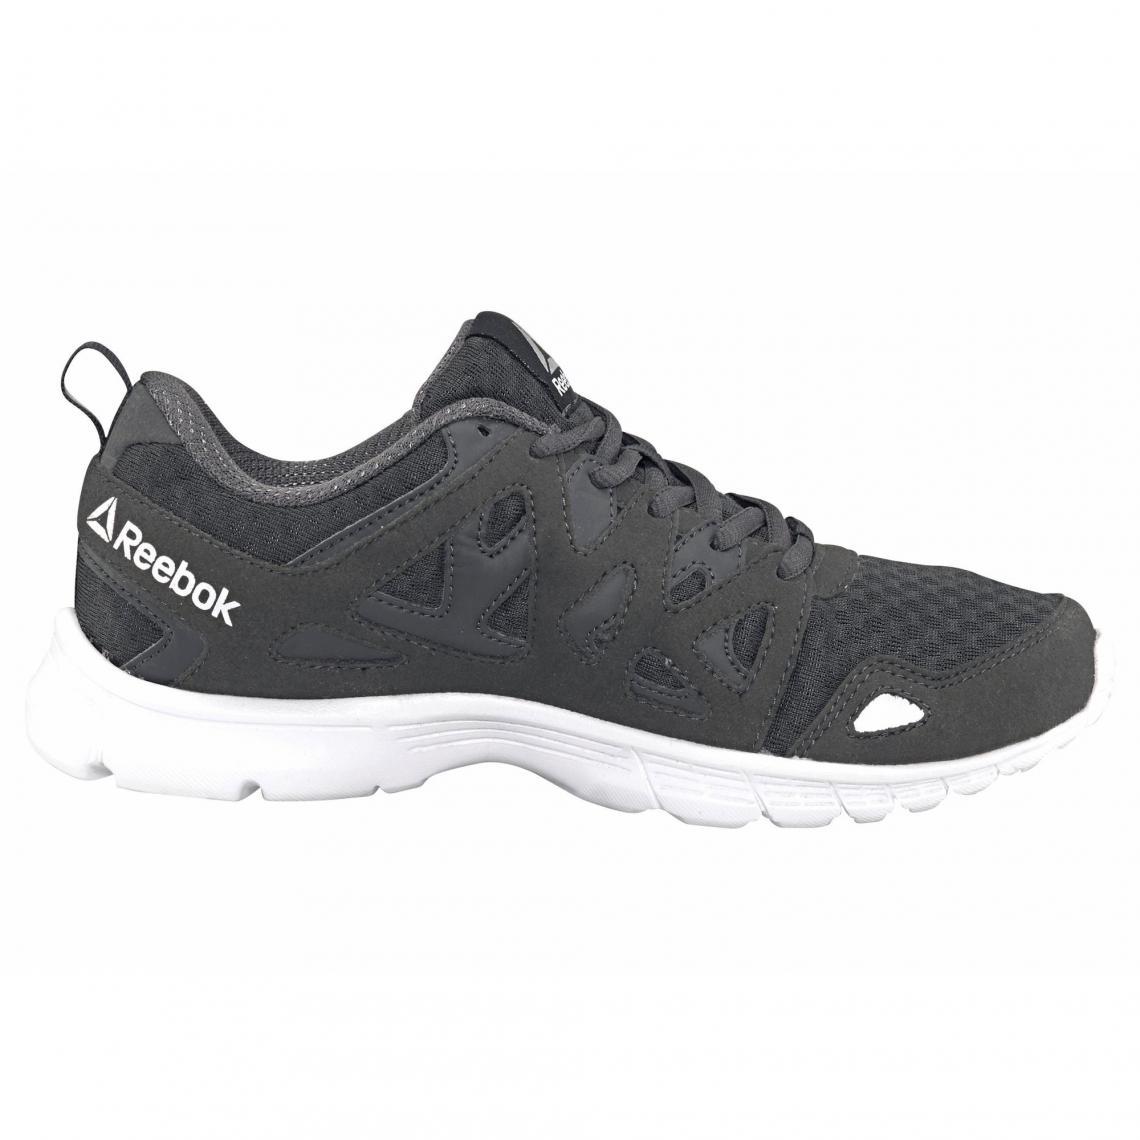 separation shoes 6c7d1 ddfb9 Sneakers Reebok Cliquez l image pour l agrandir. Sneaker femme Run Supreme  3.0 Wmn ...